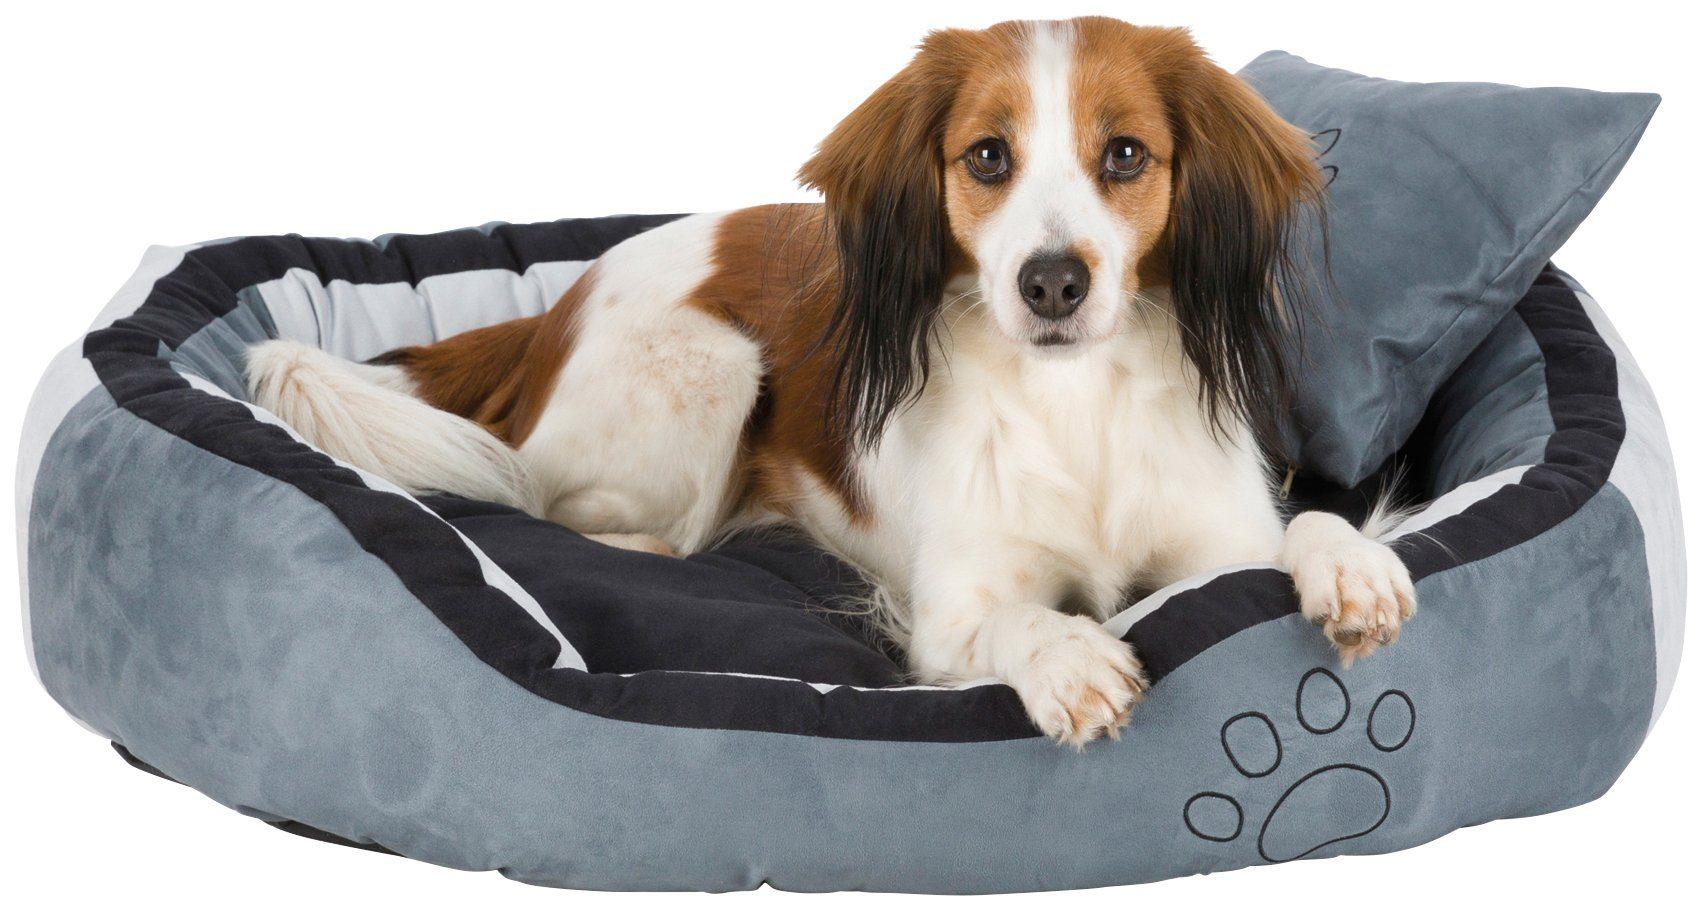 TRIXIE Hundebett und Katzenbett »Bonzo«, BxT: 80x65 cm, grau/schwarz